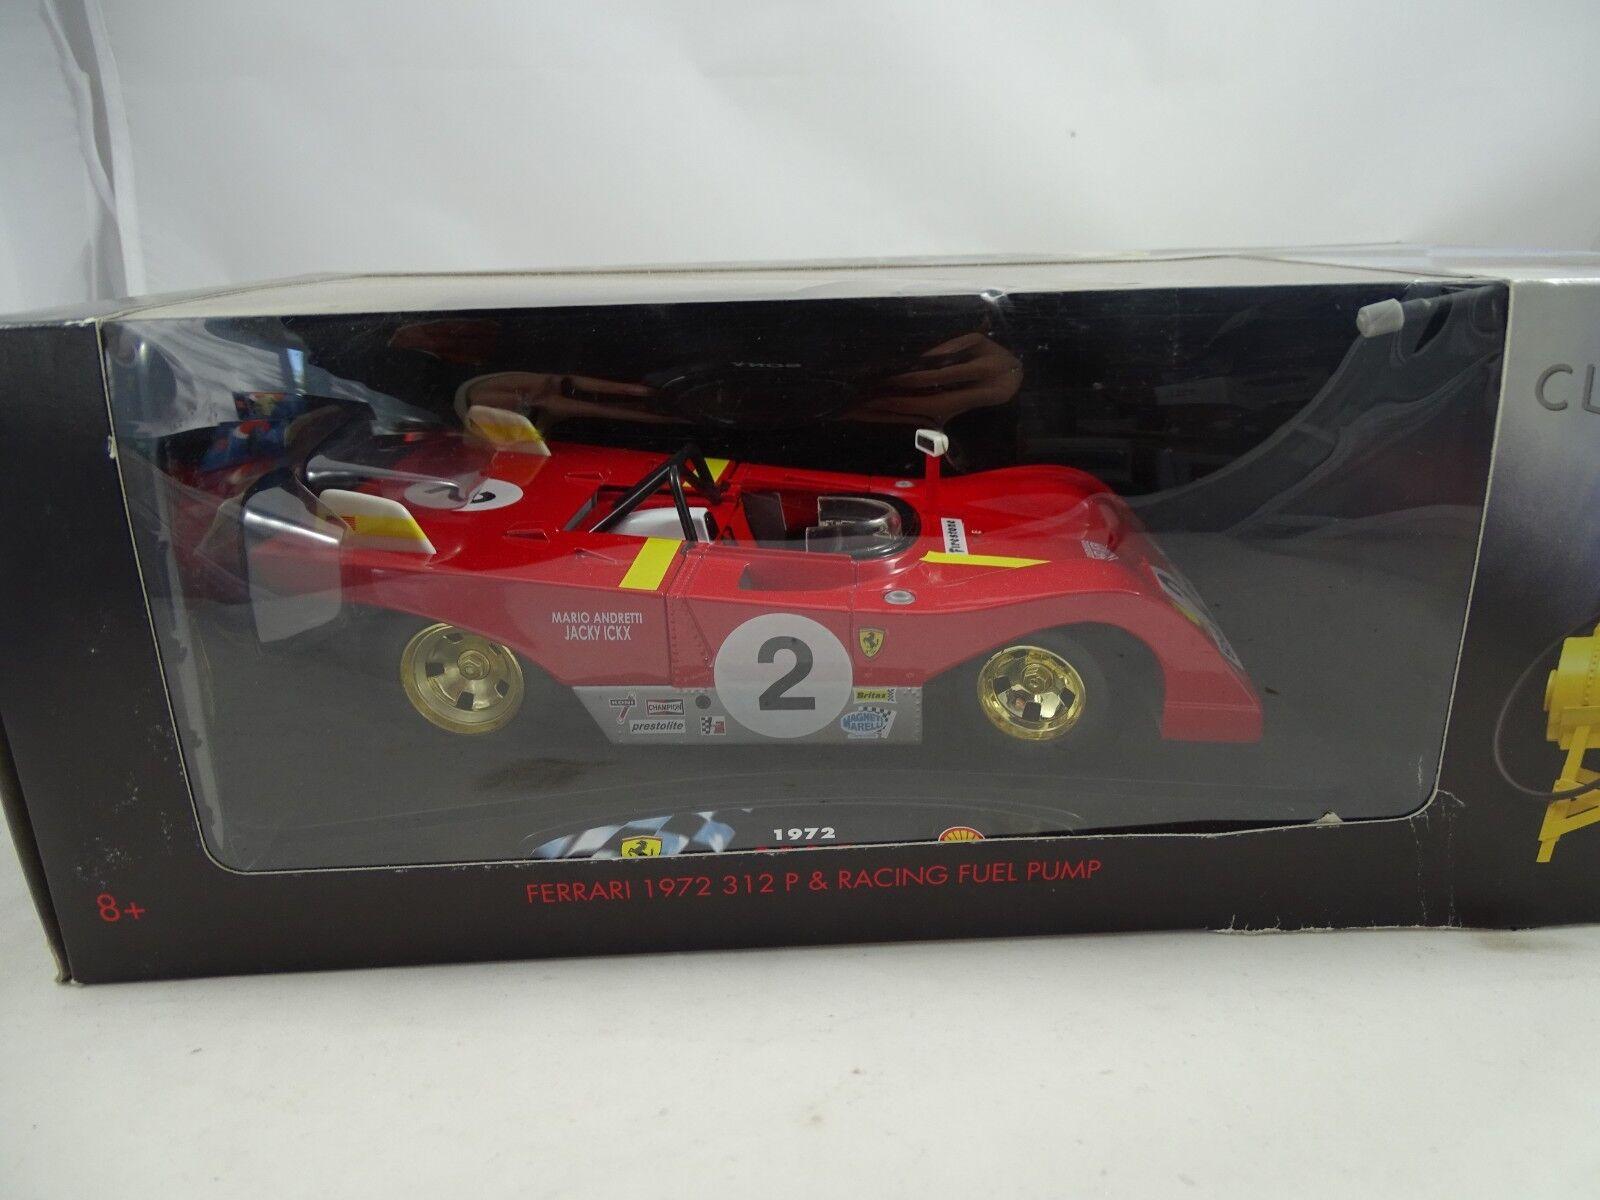 alto descuento 1 18 shell colección-ferrari 1972 312 312 312 p  2 & racing fuel pump-rareza §  autorización oficial